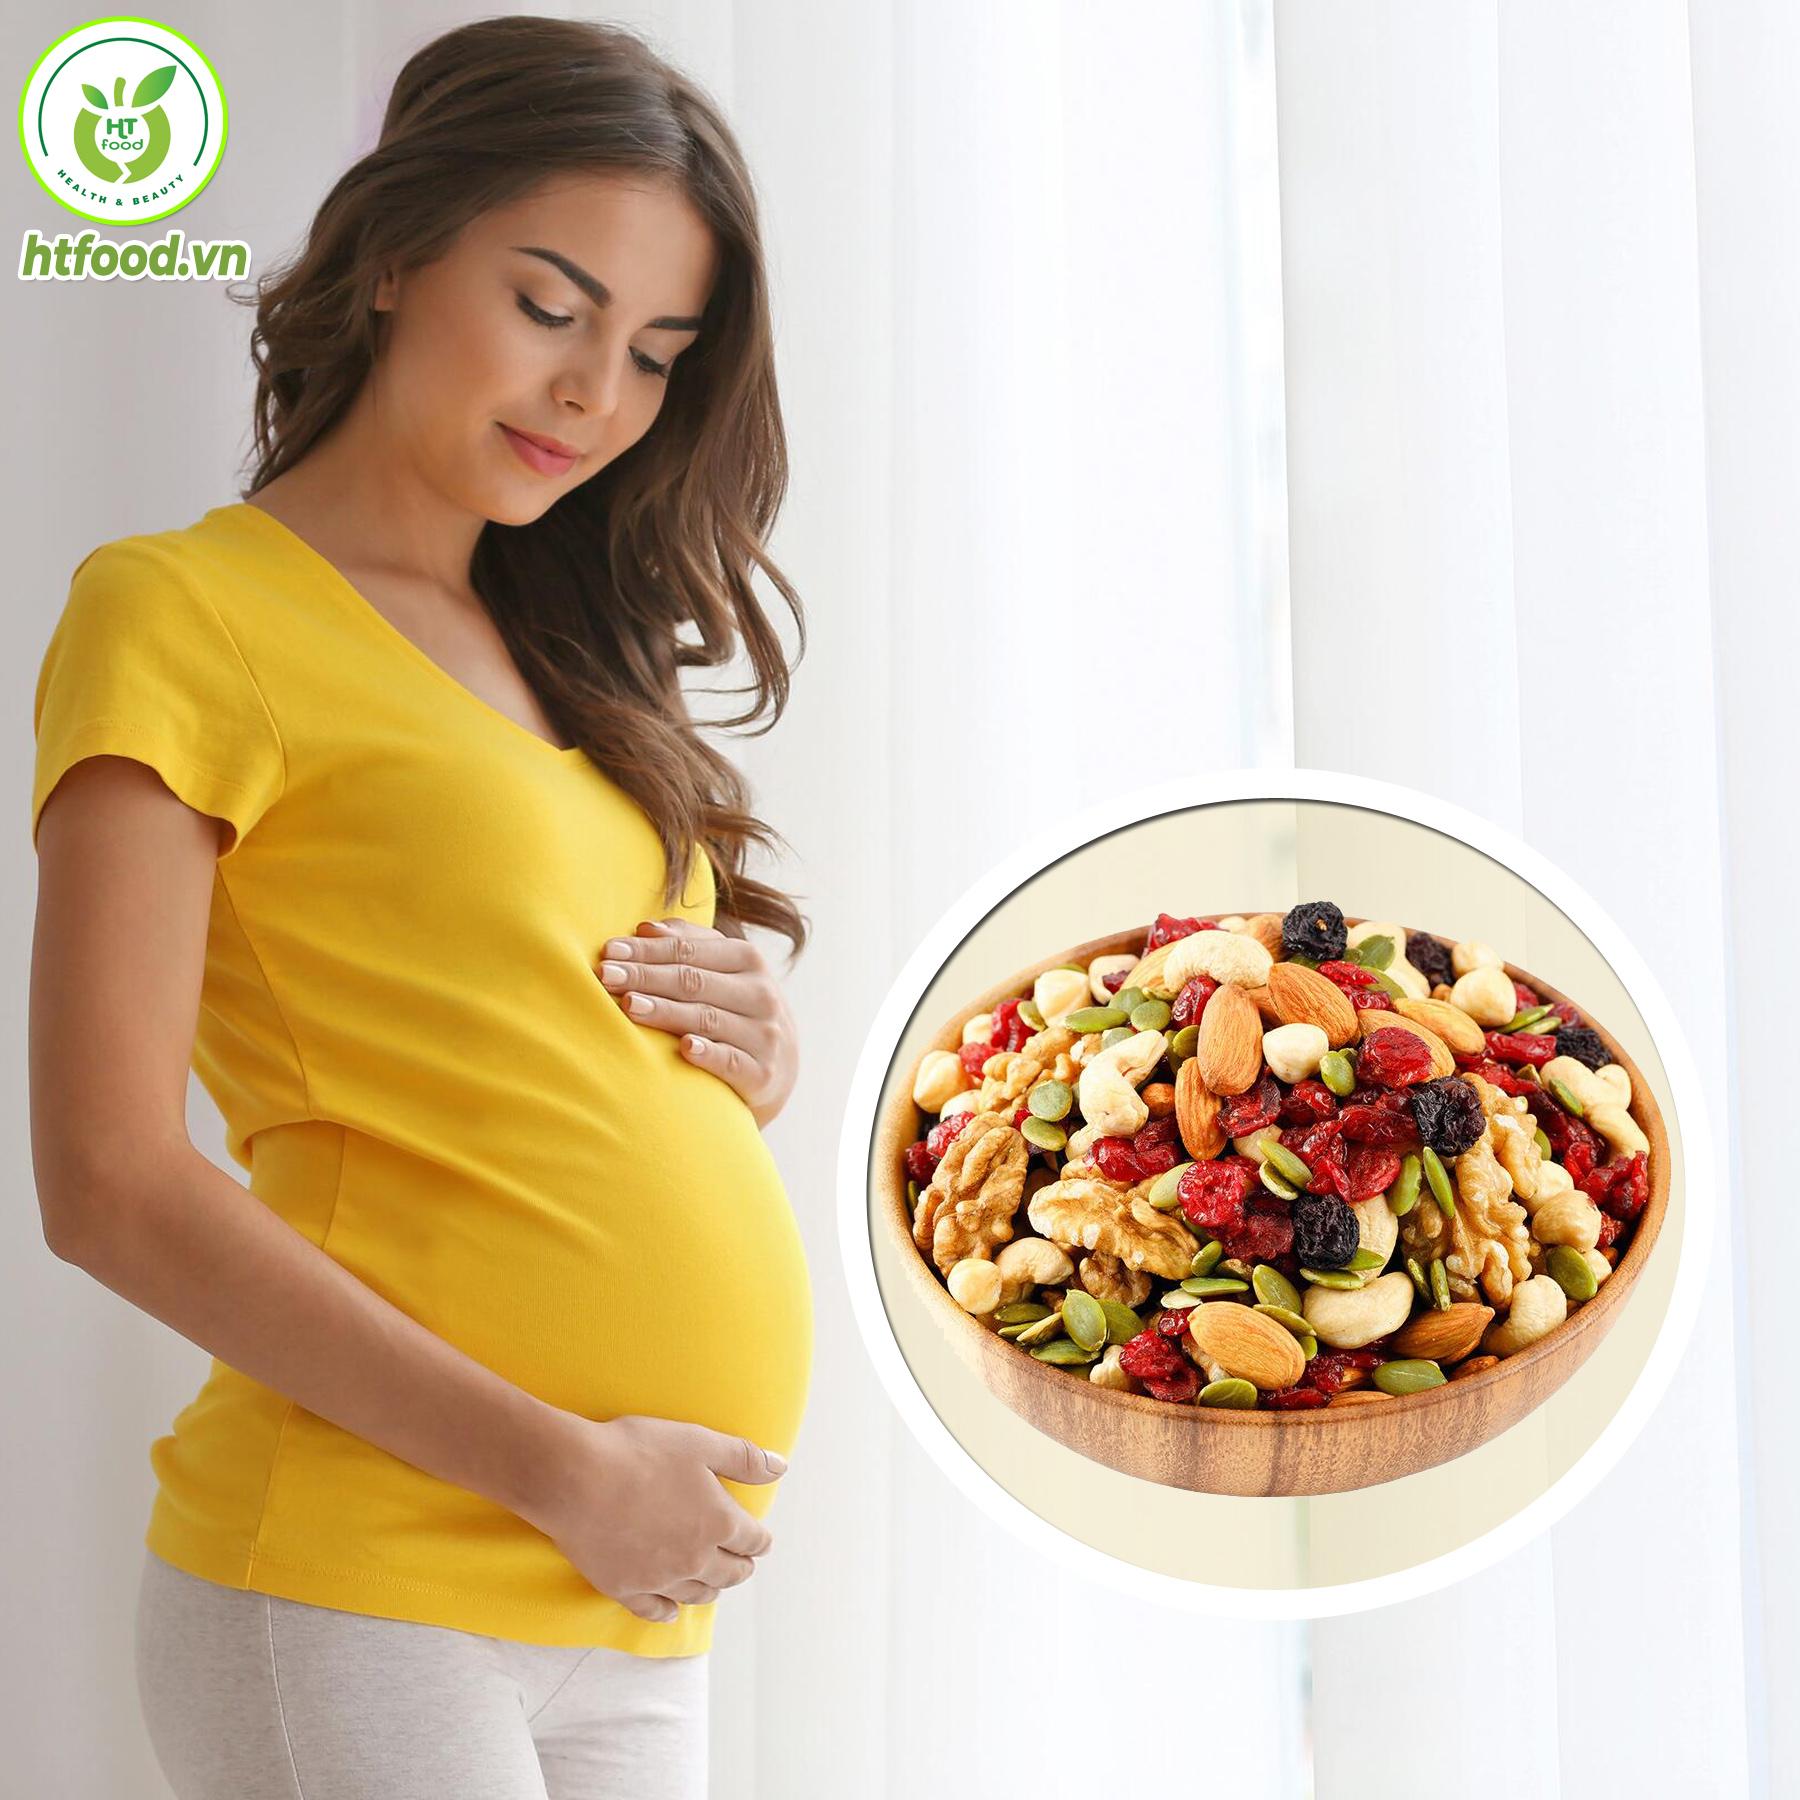 Các loại hạt dinh dưỡng tốt cho mẹ bầu